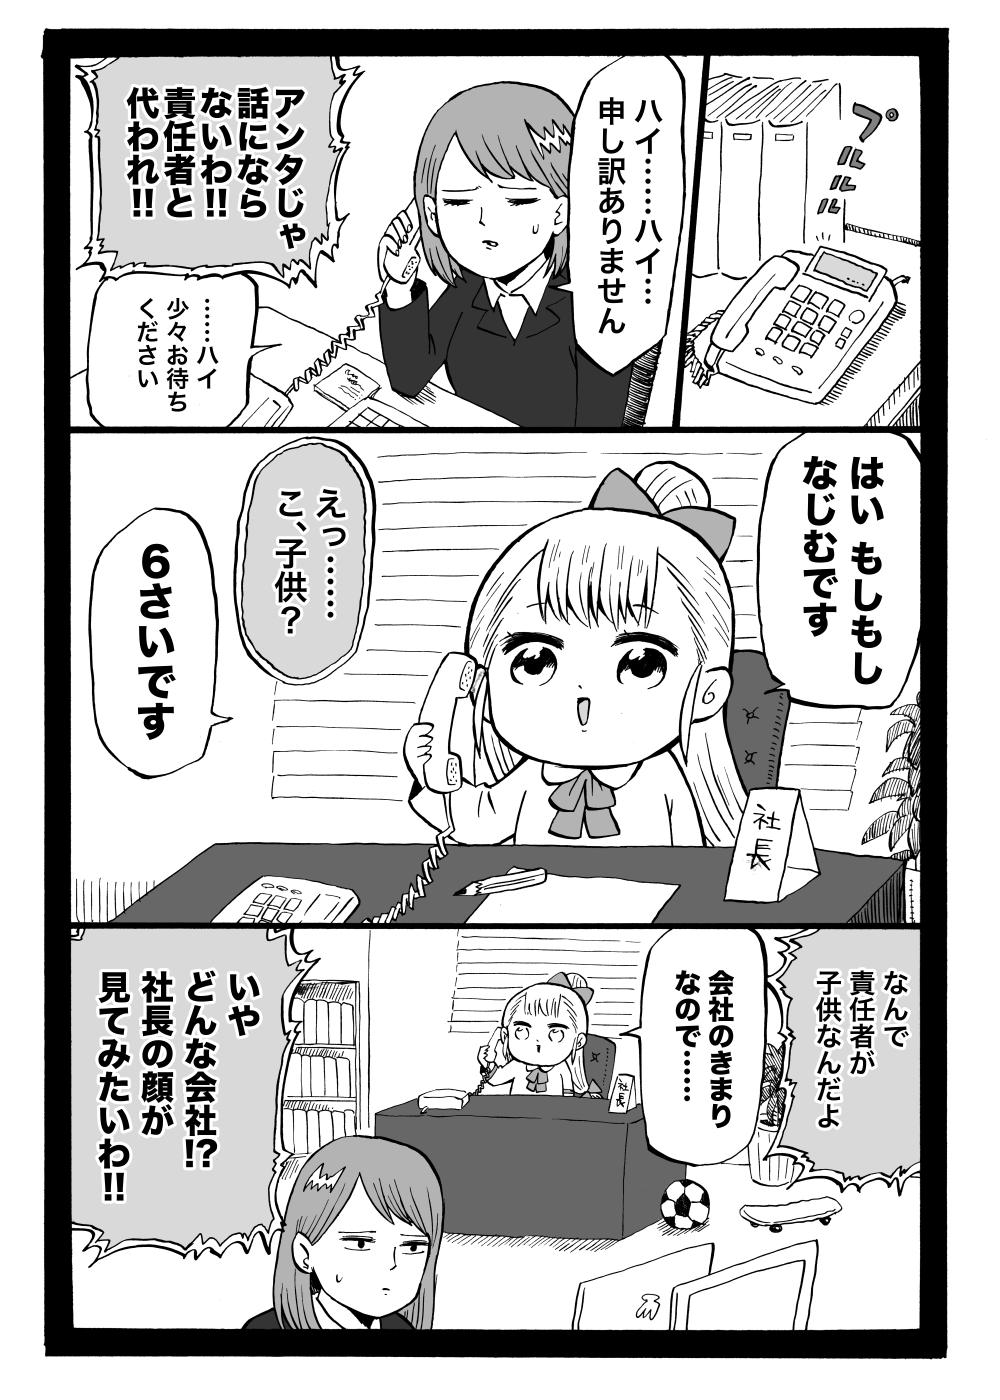 幼女社長(くれーむ(単行本収録))